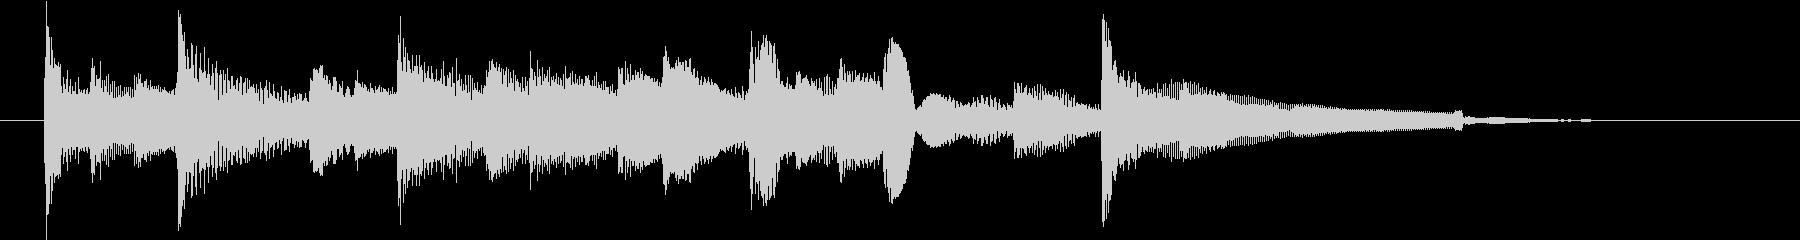 動画のエンディング等に使えるアコギ曲の未再生の波形